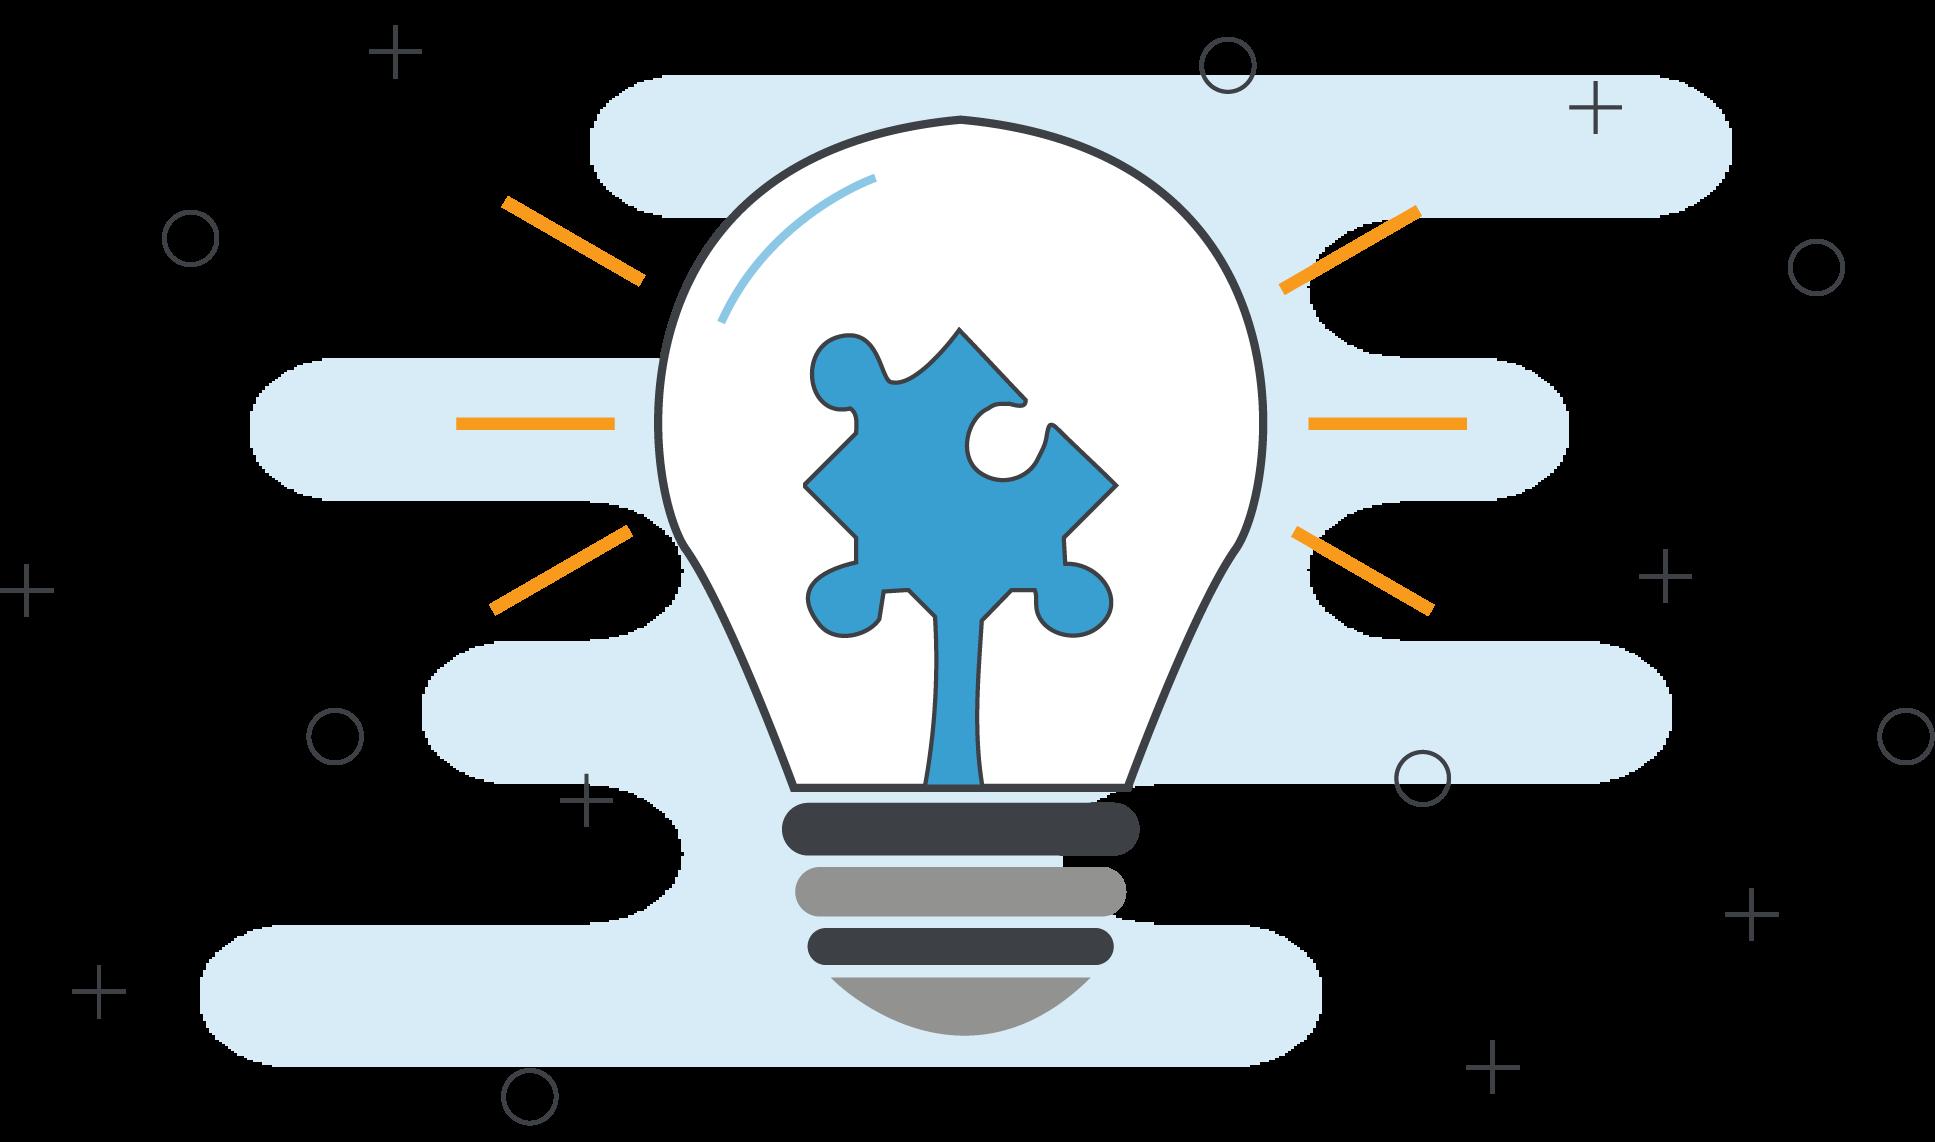 about-dynamix-company-values-innovation